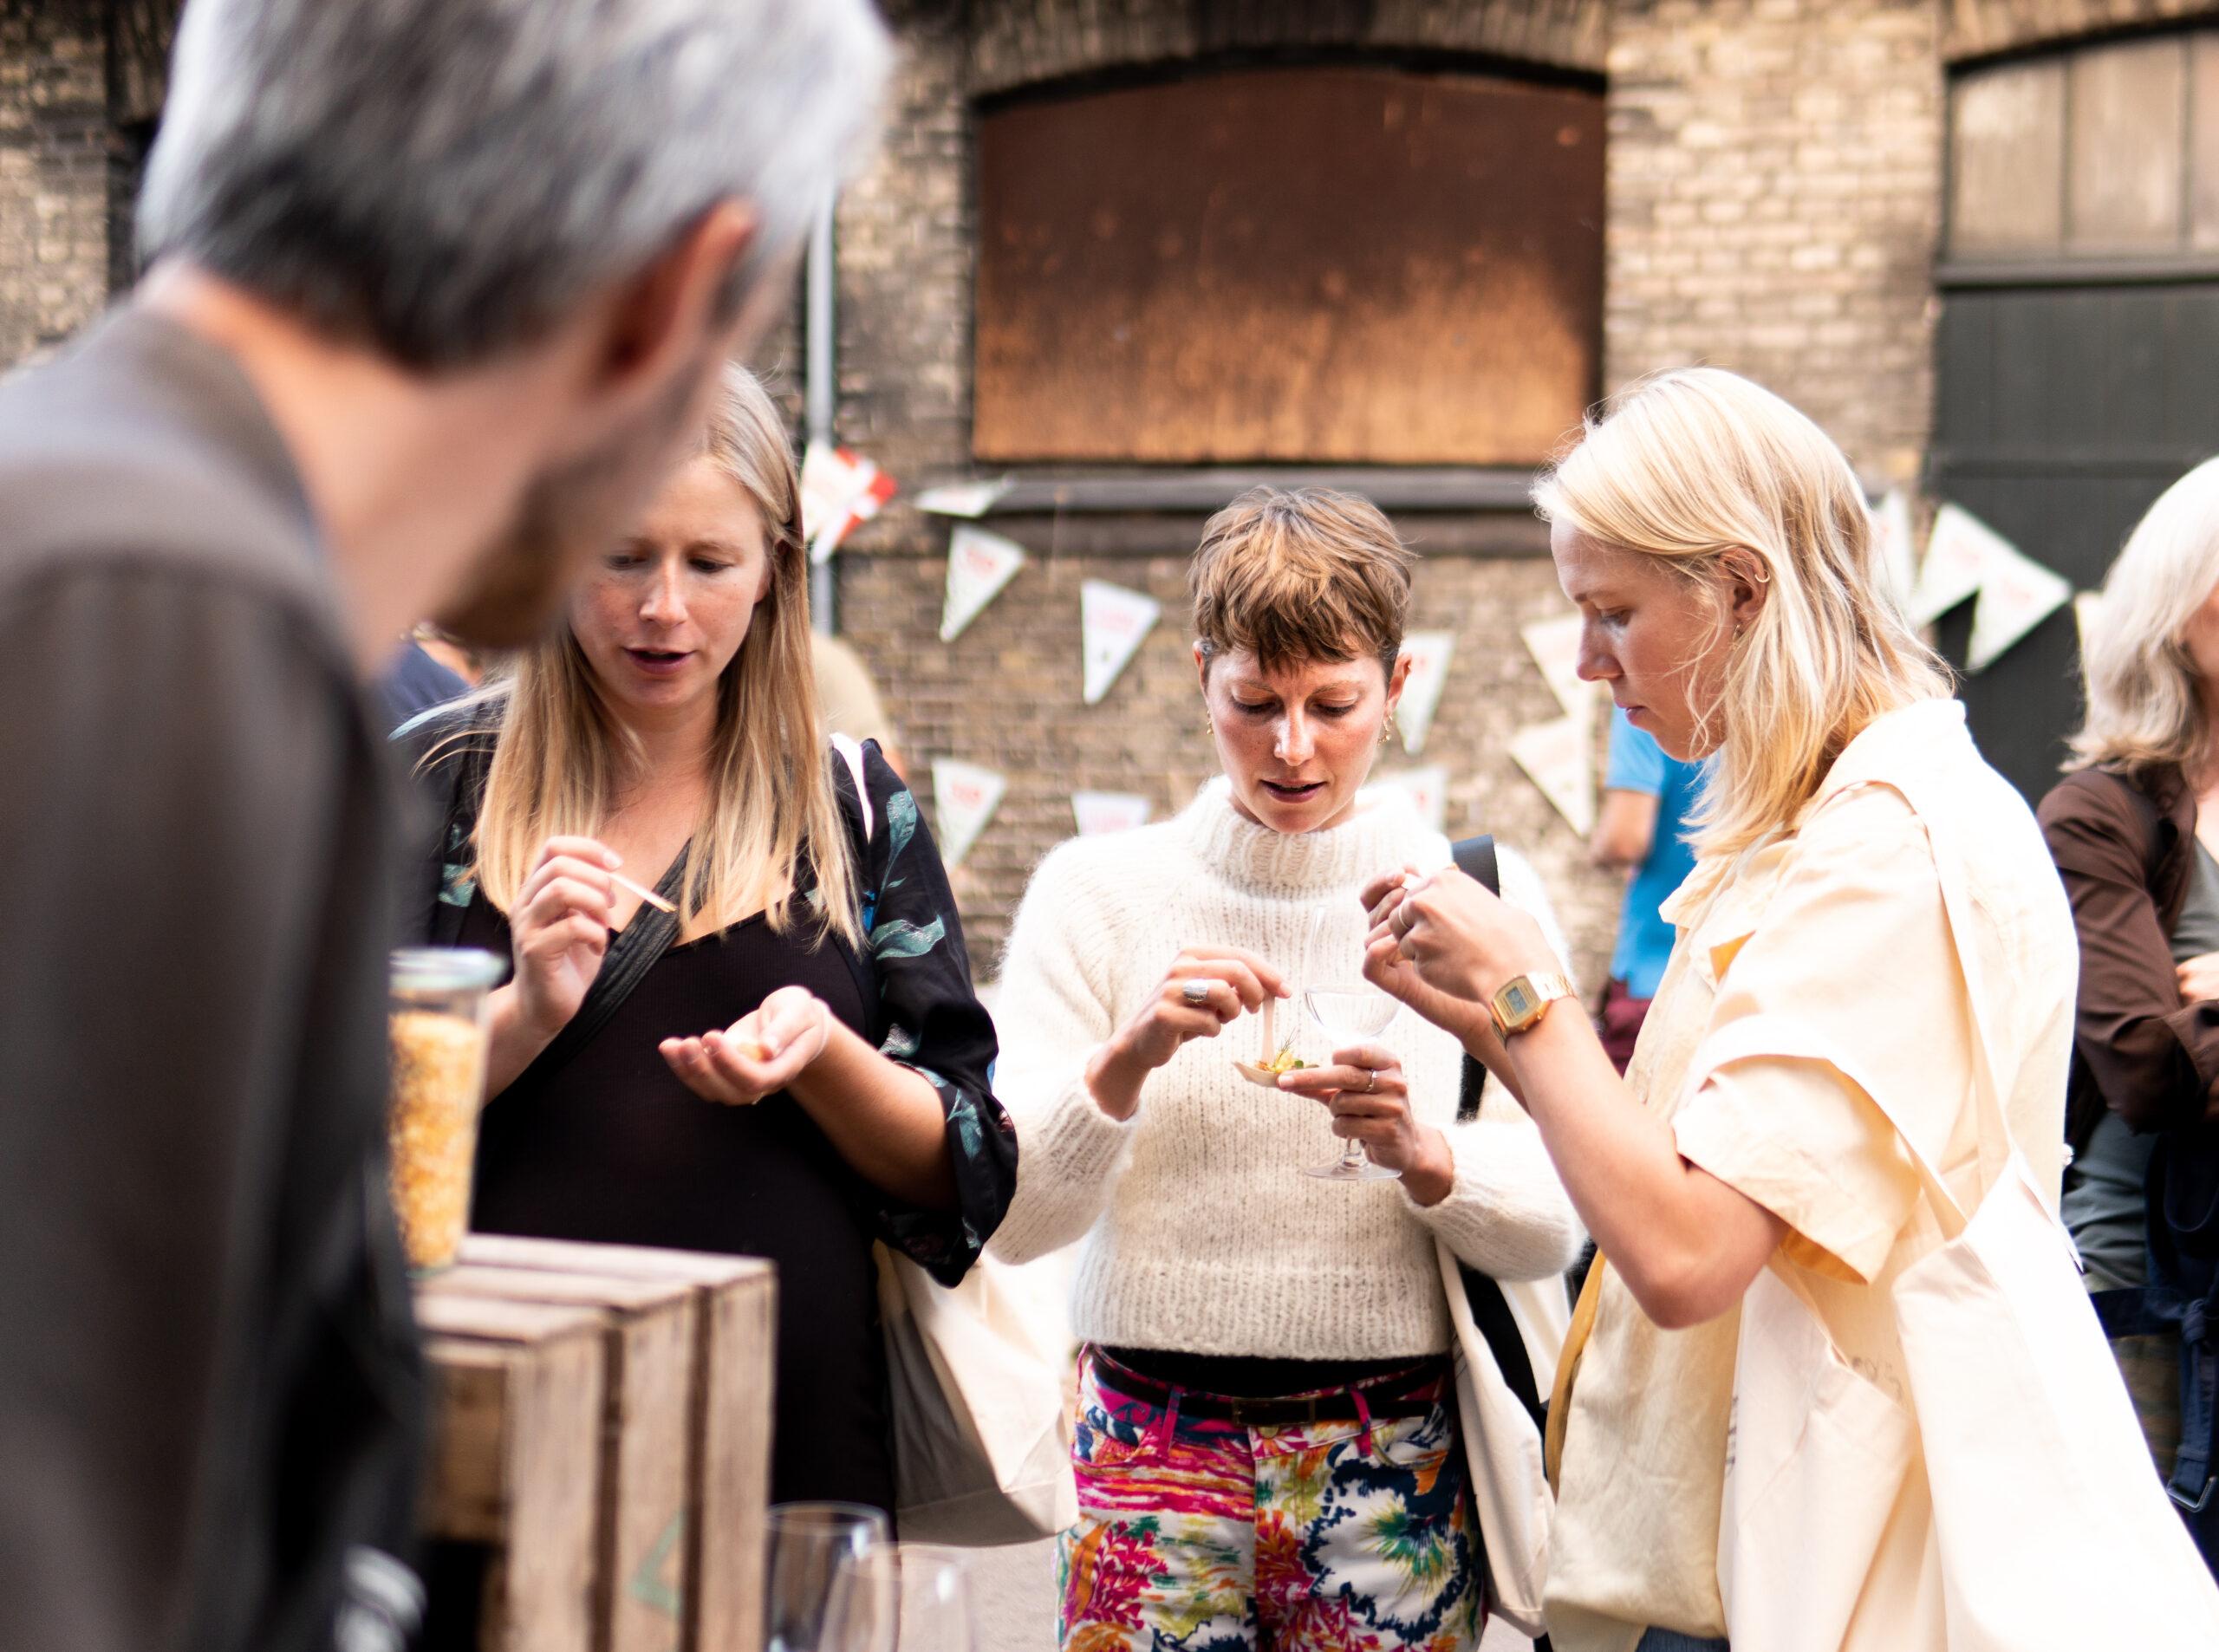 Foto: Karl Ejnar Jørgensen for Madland